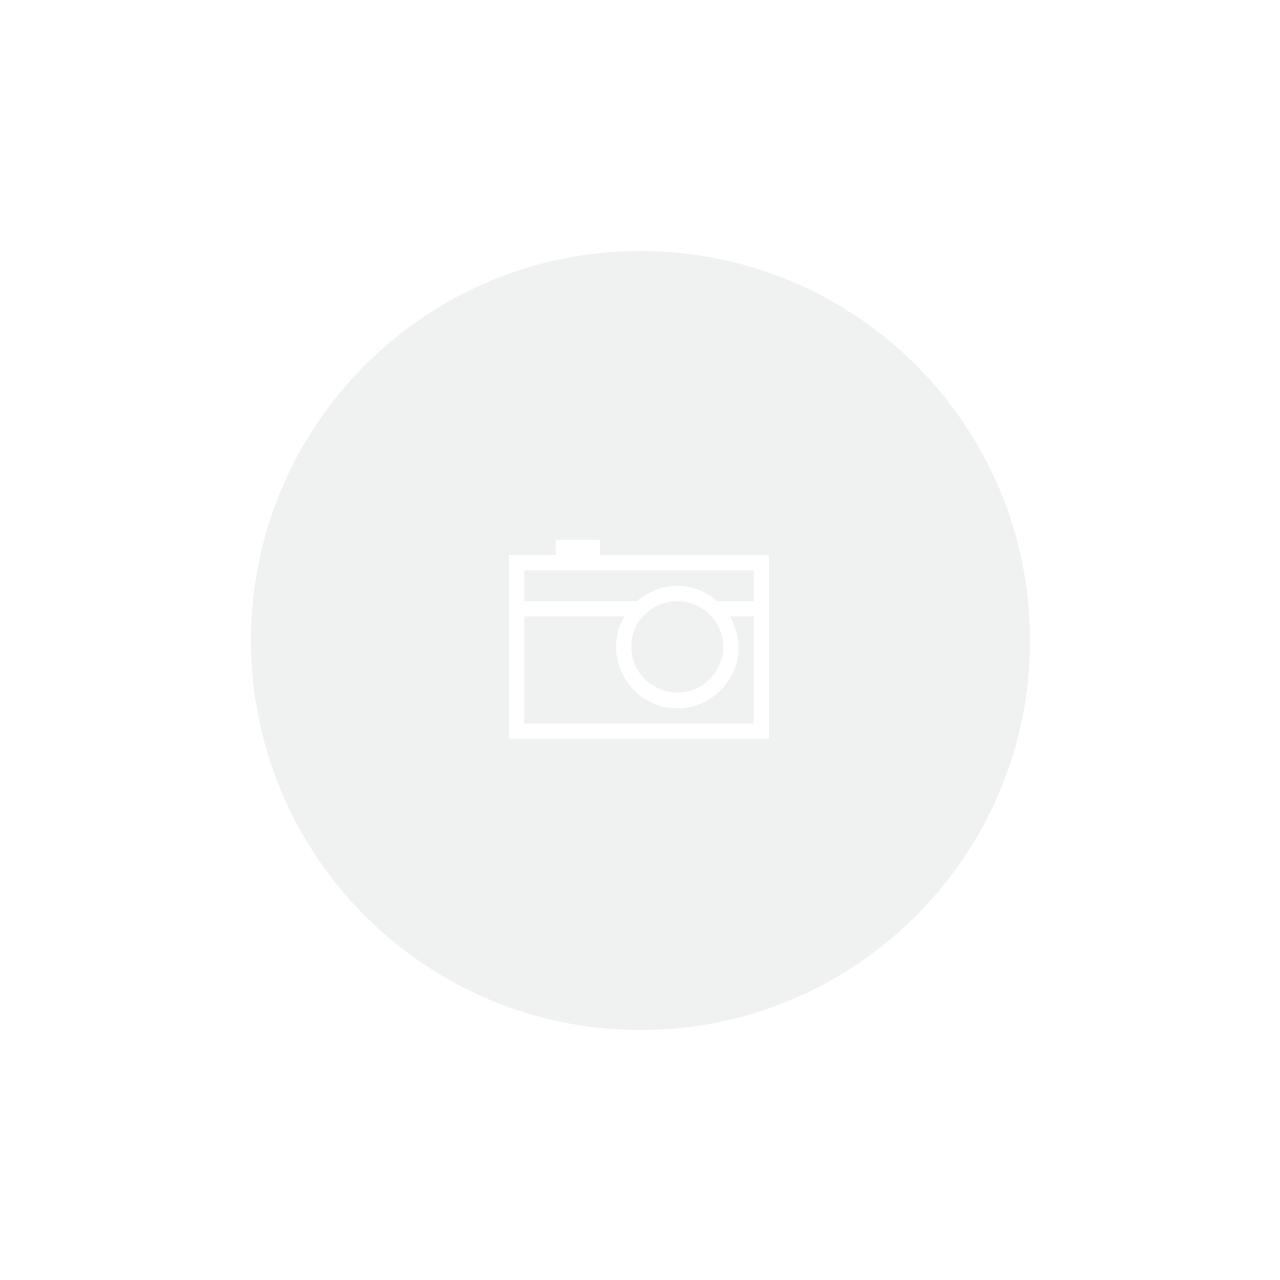 Kit Promocional Banho & Beleza II